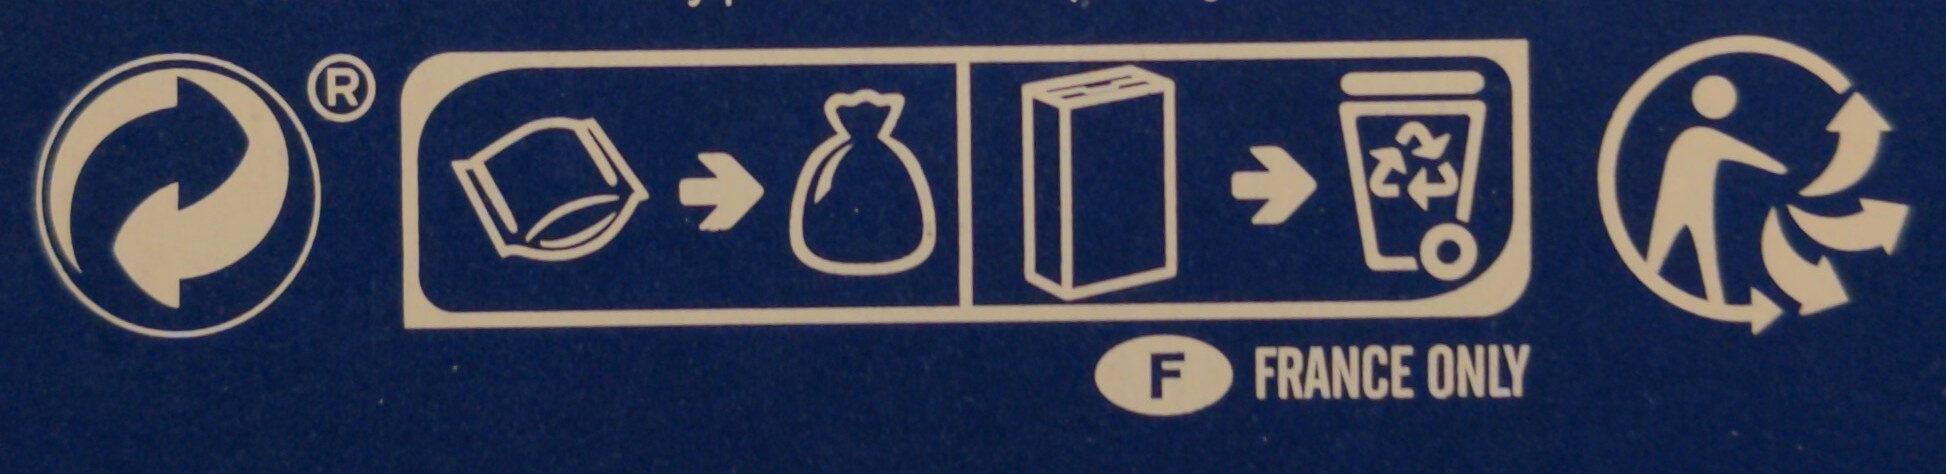 LE BOUDOIR - Instruction de recyclage et/ou informations d'emballage - fr